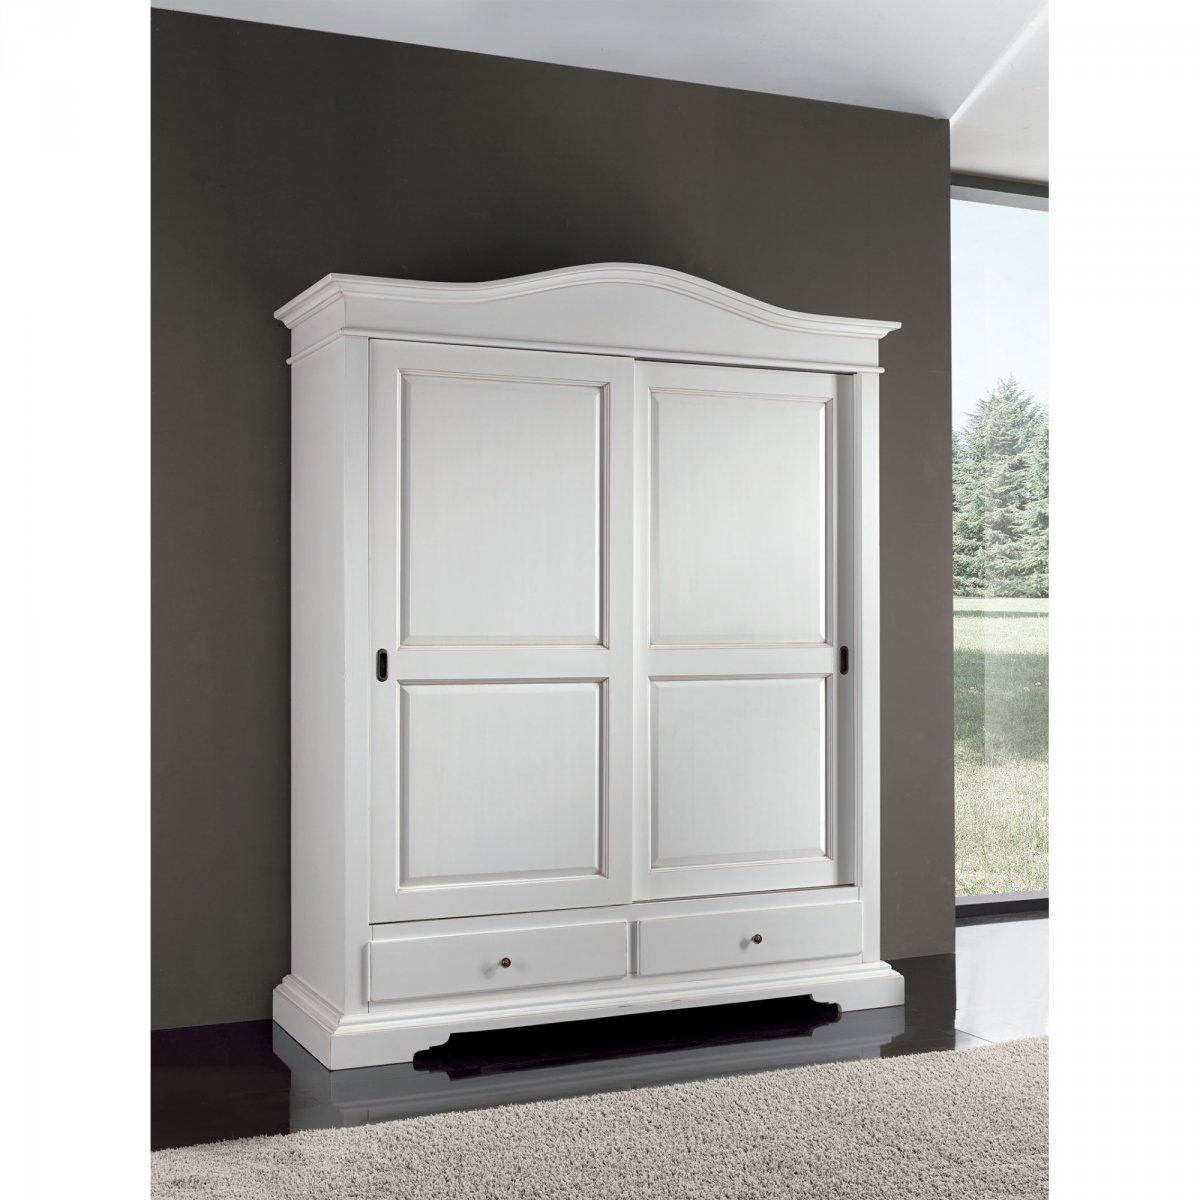 Home / Laccati & Decorati / Armadi / Armadio 2 Ante Scorrevole #636F5C 1200 1200 Mobiletto Lavandino Cucina Ikea